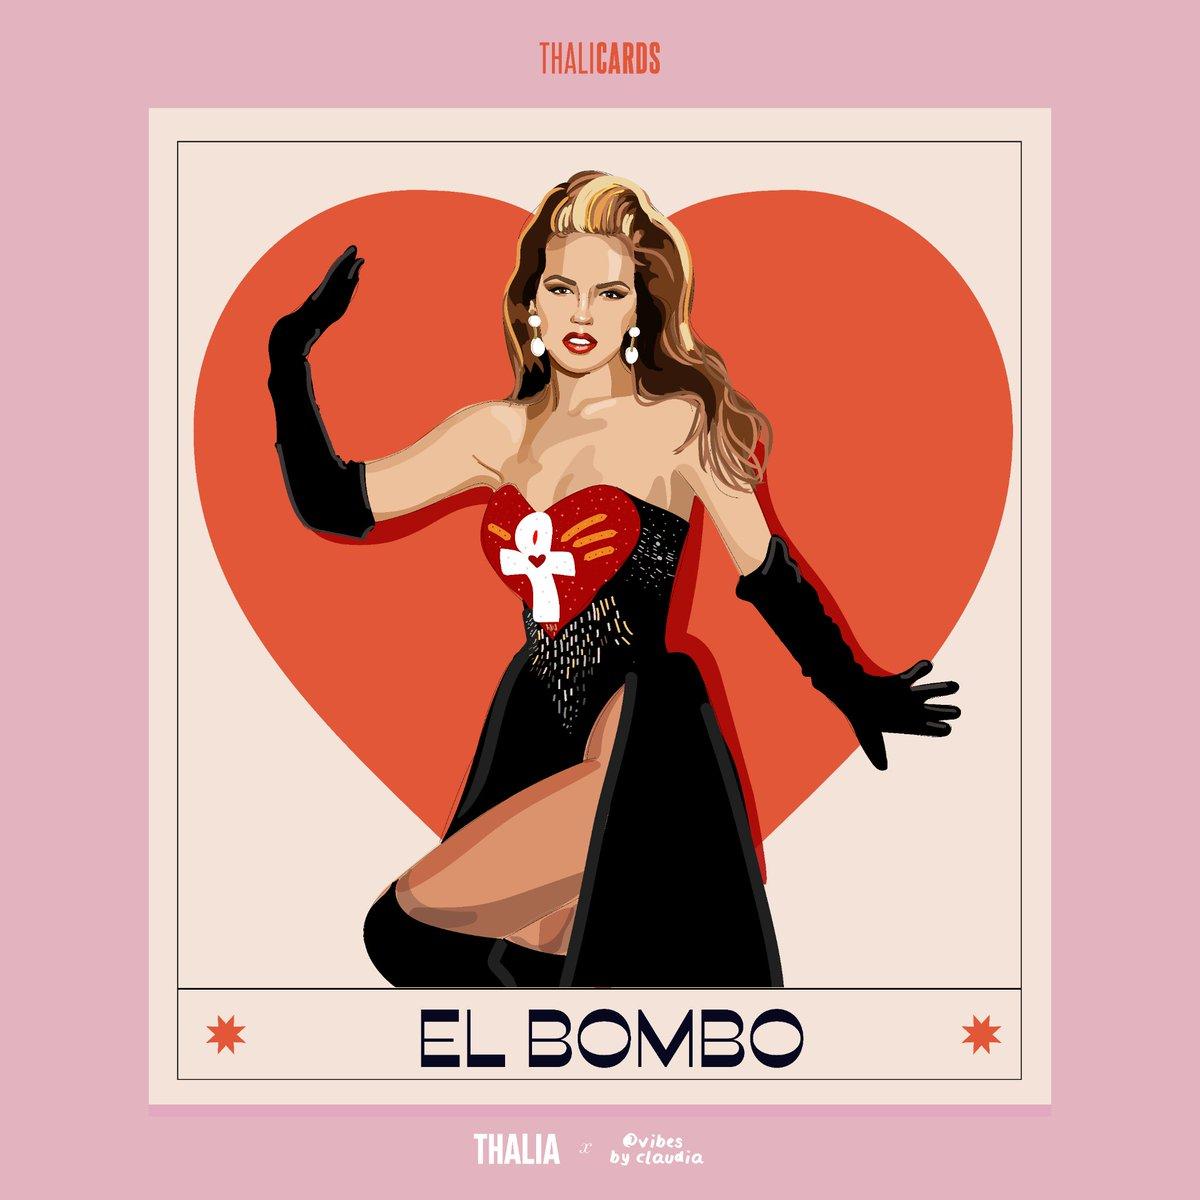 ¡#ElBomboDeTuCorazon‼️¡Feliz Día de San Valentín amores! ¿Les están gustando las tarjetas de San Valentín para que se las dediquen a quien más quieran HOY? 💘Suscríbete a mi canal de Telegram para que las puedas tener todas muy pronto. #ThaliaLosInicios ➡️